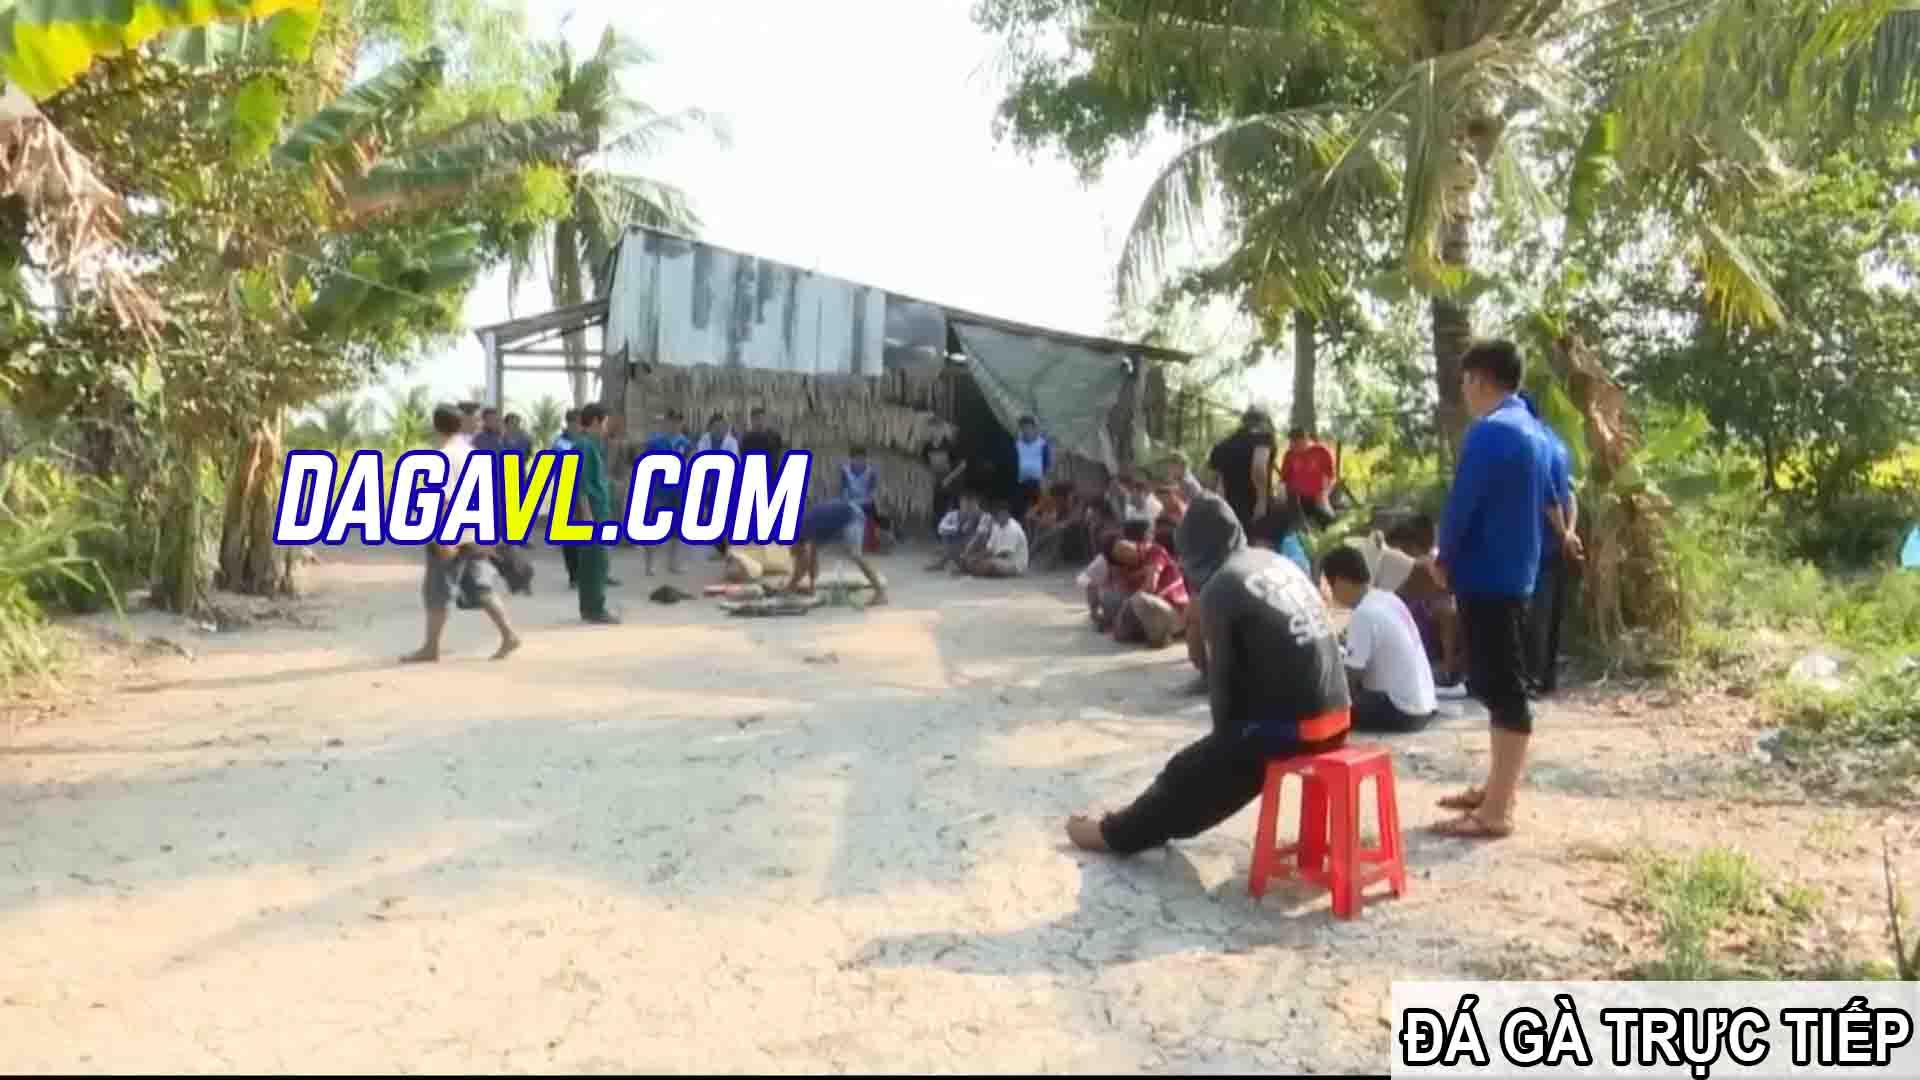 DAGAVL.COM - đá gà trực tiếp. Hiện trường bắt 27 đối tượng đá gà ăn tiền tại Bà Rinh